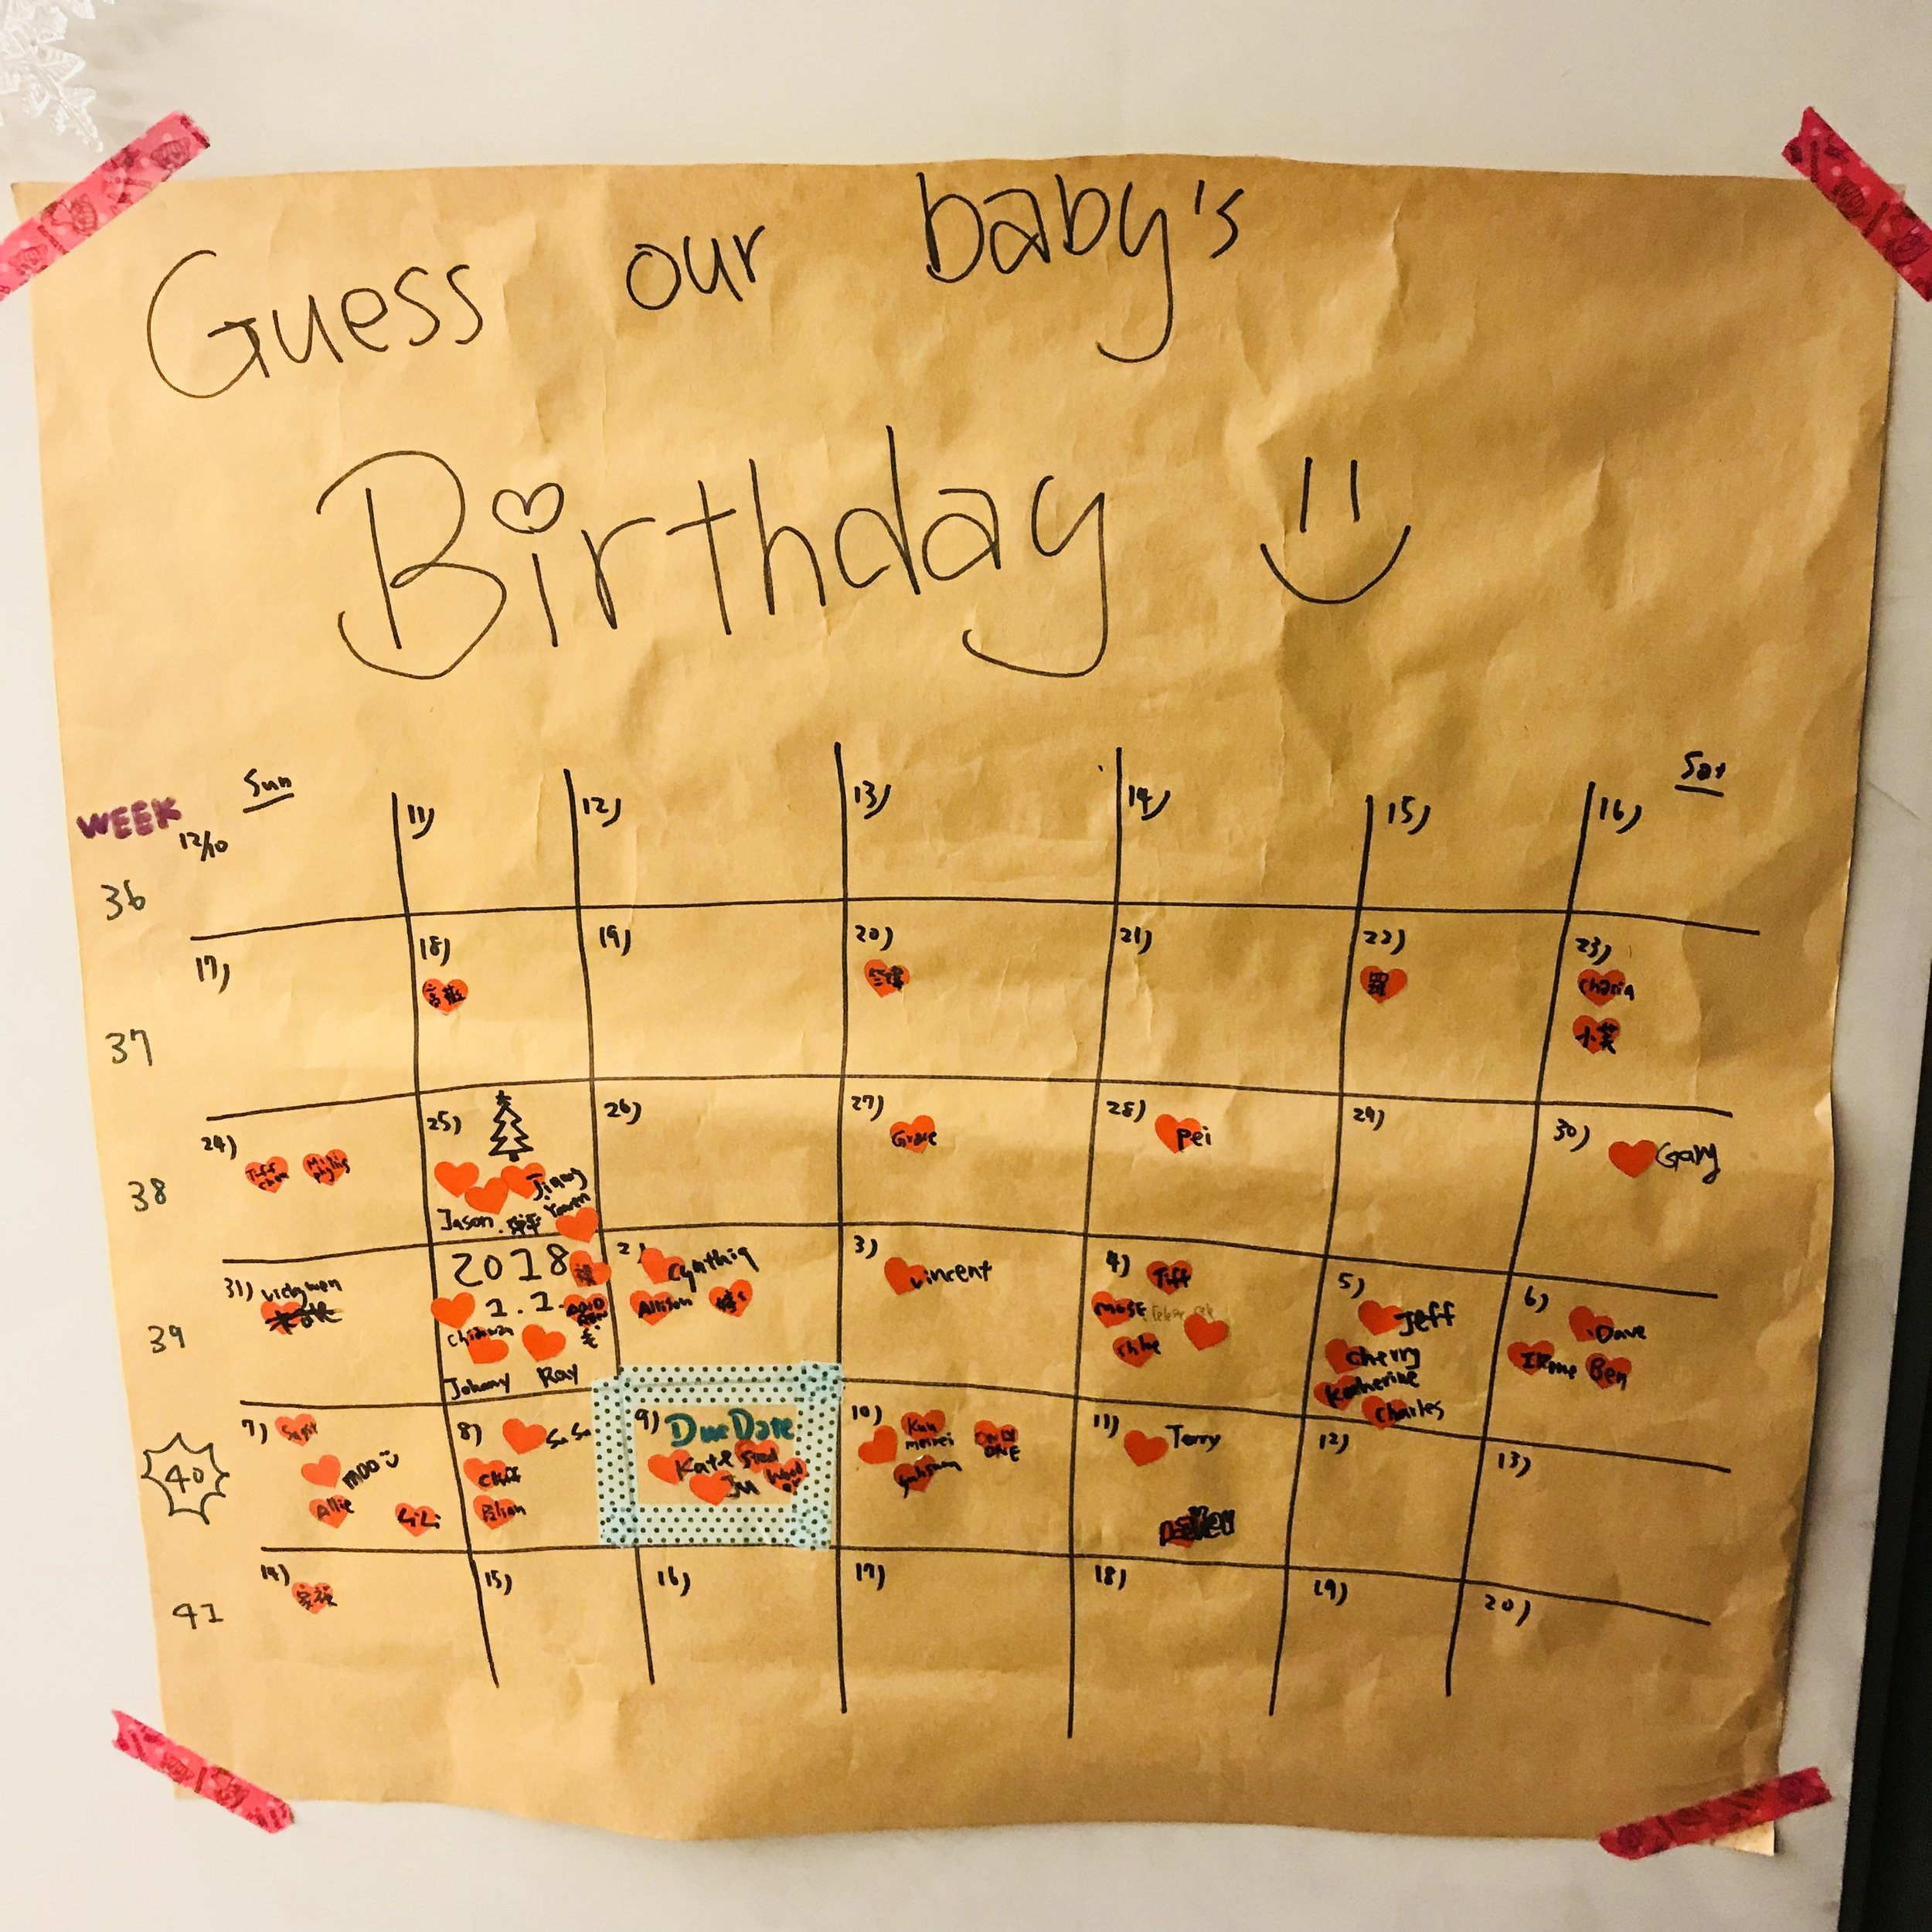 和朋友玩了一個預測兒子生日的遊戲,結果居然沒有人猜對XDDD